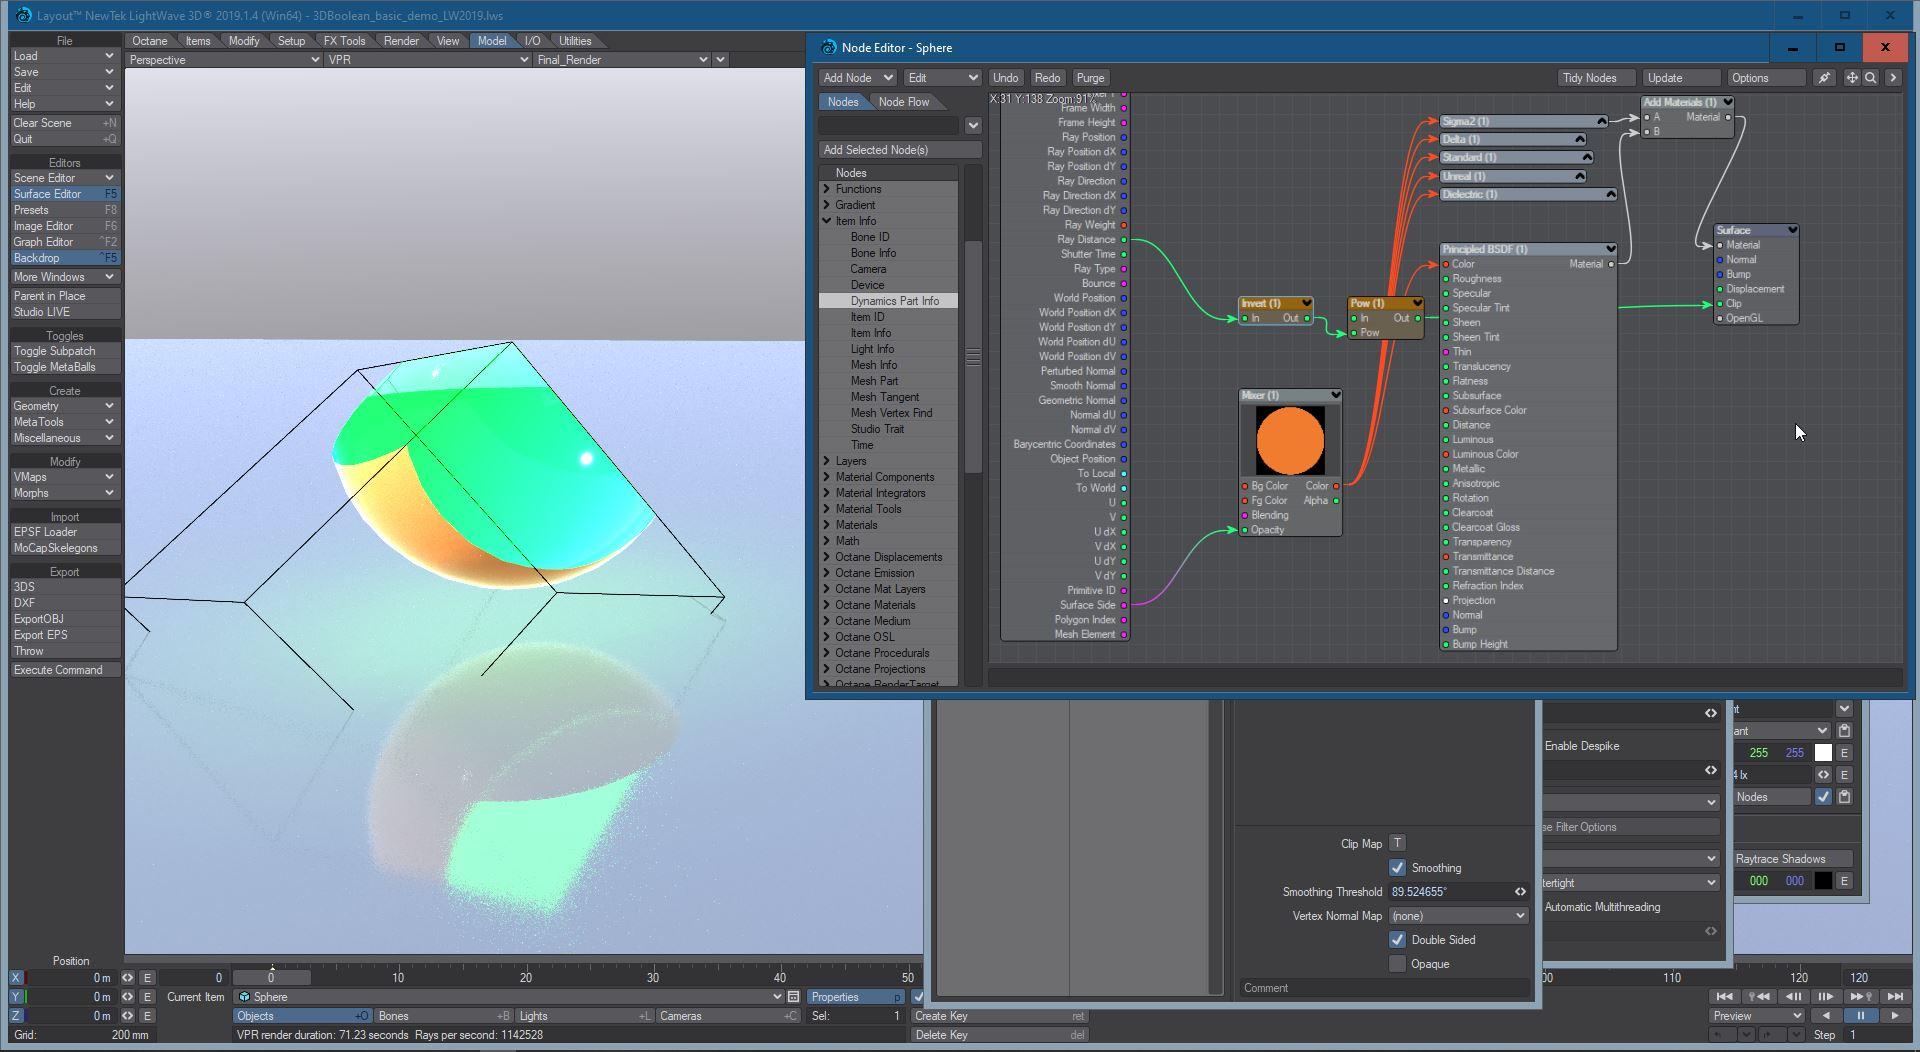 Nome: 2020-02-14 14_24_00-Layout™ NewTek LightWave 3D® 2019.1.4 (Win64) - 3DBoolean_basic_demo_LW2019..jpg Visite: 90 Dimensione: 240.9 KB